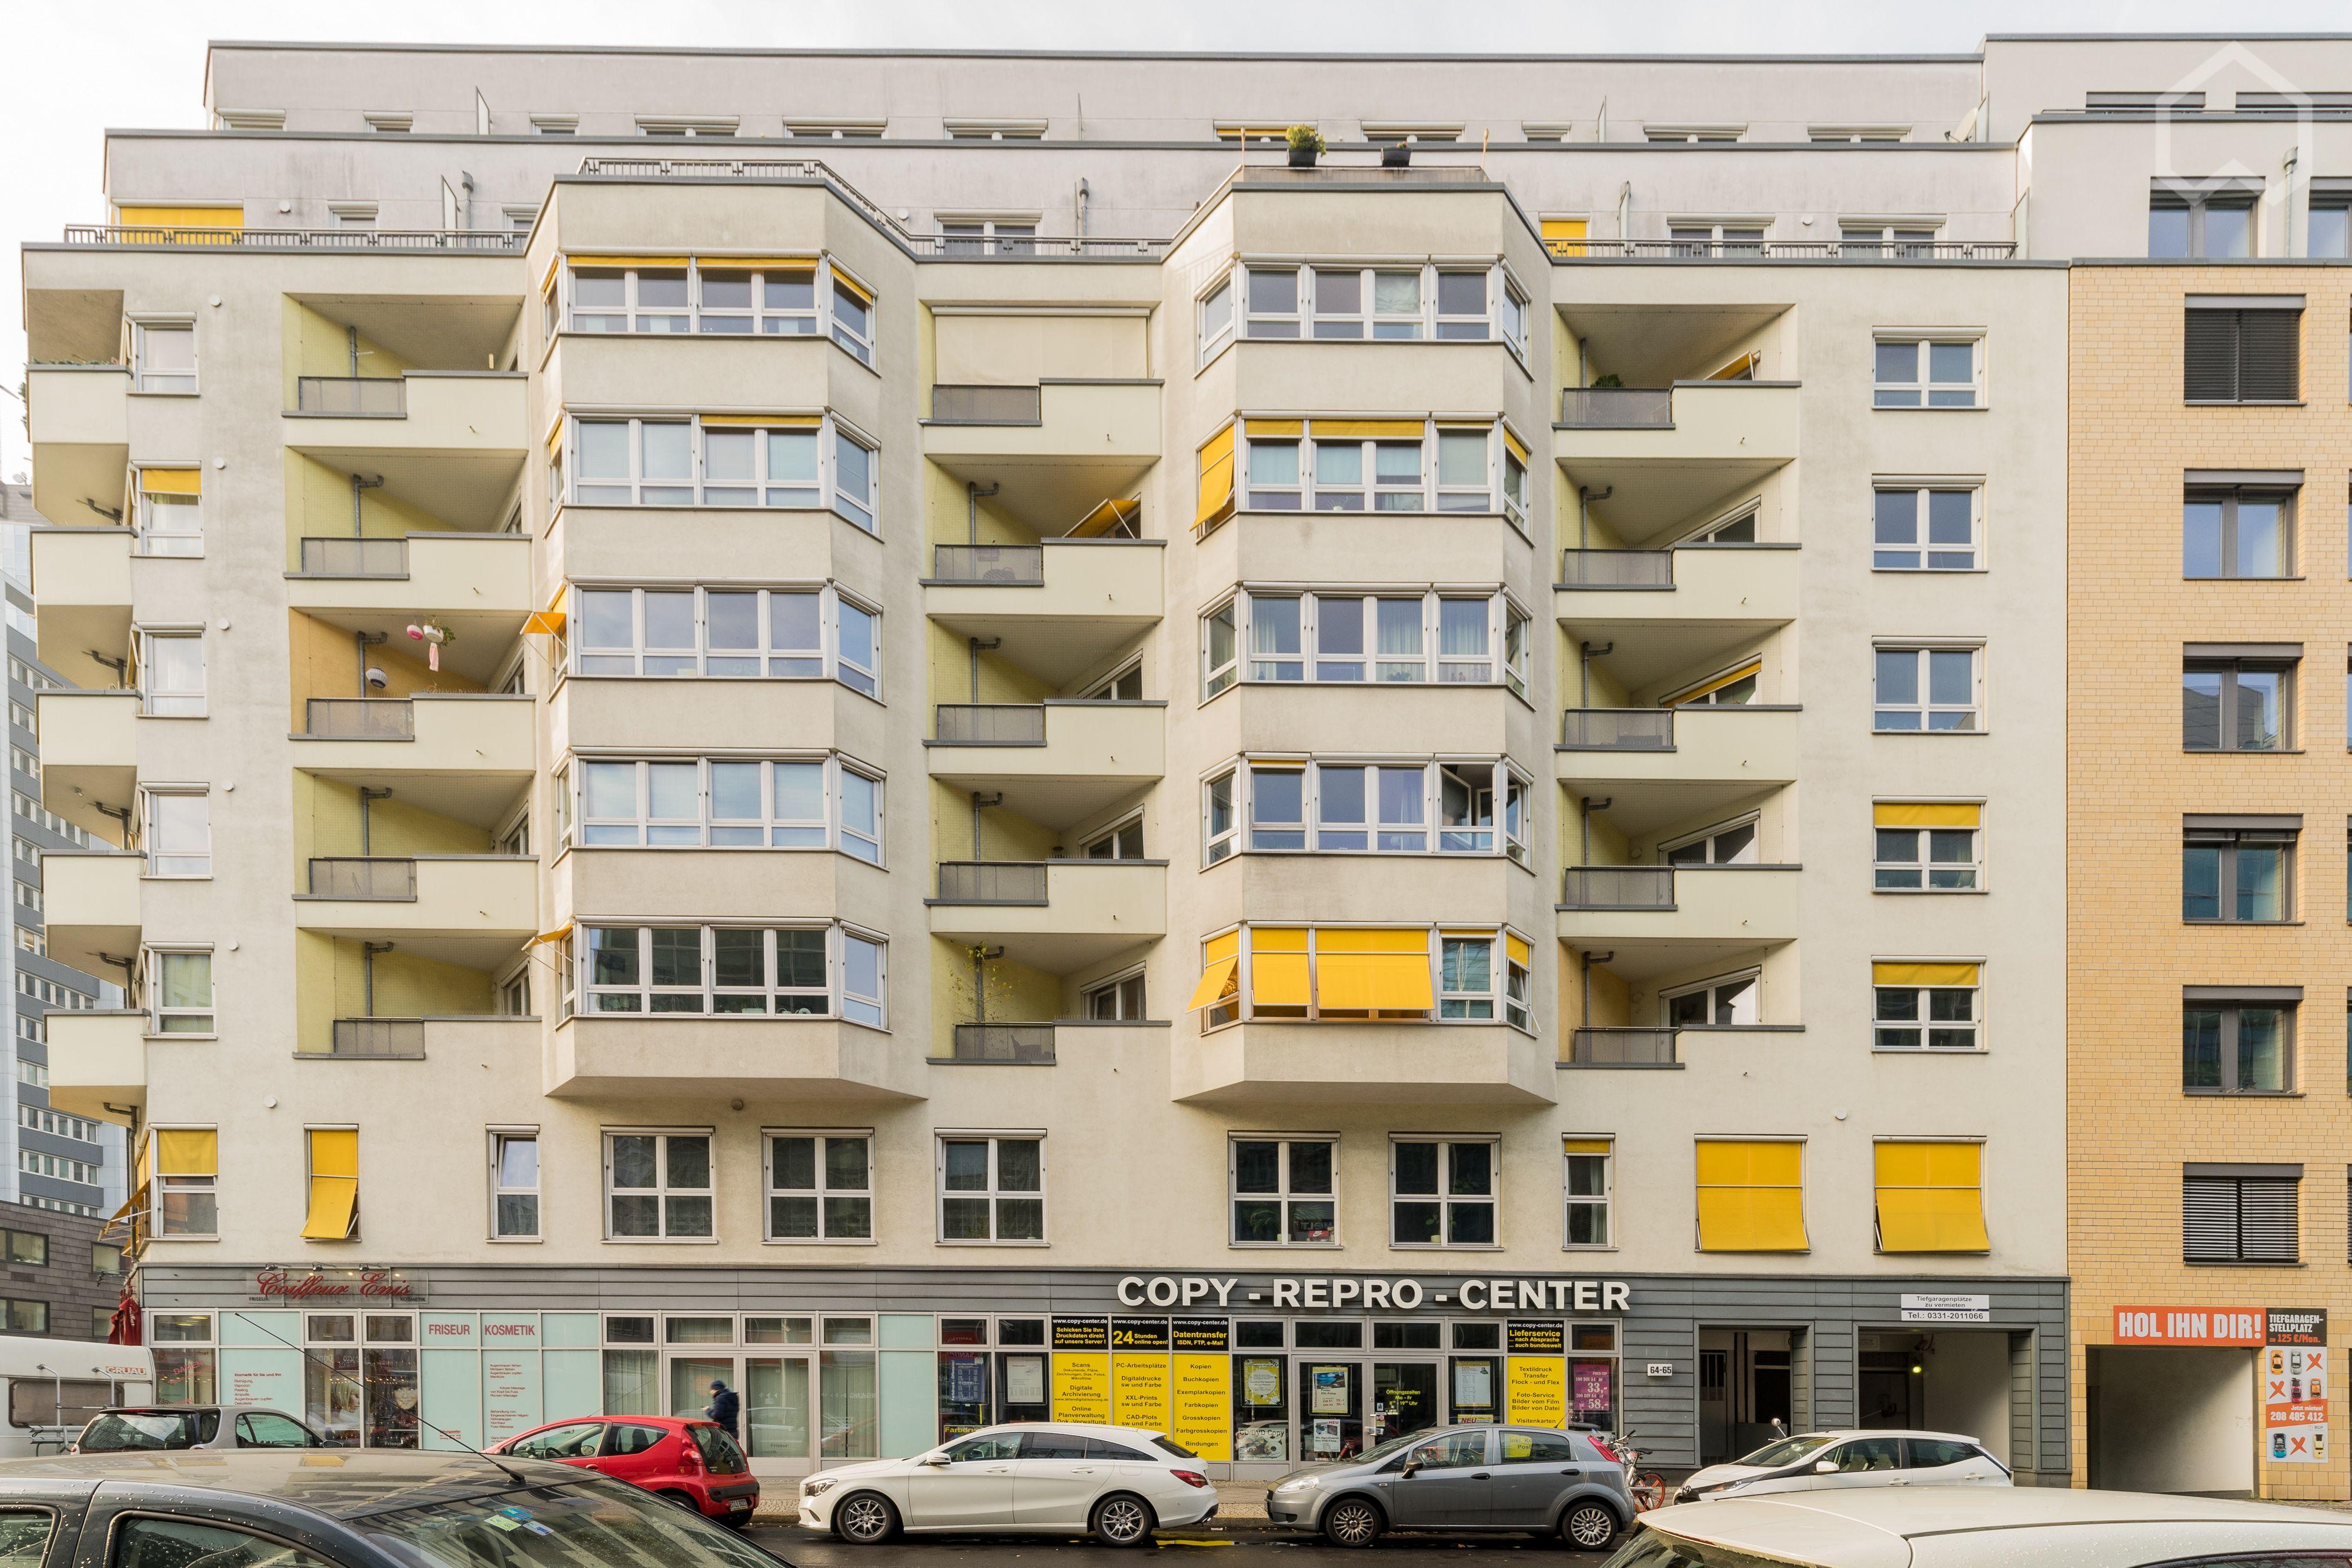 Markgrafenstraße